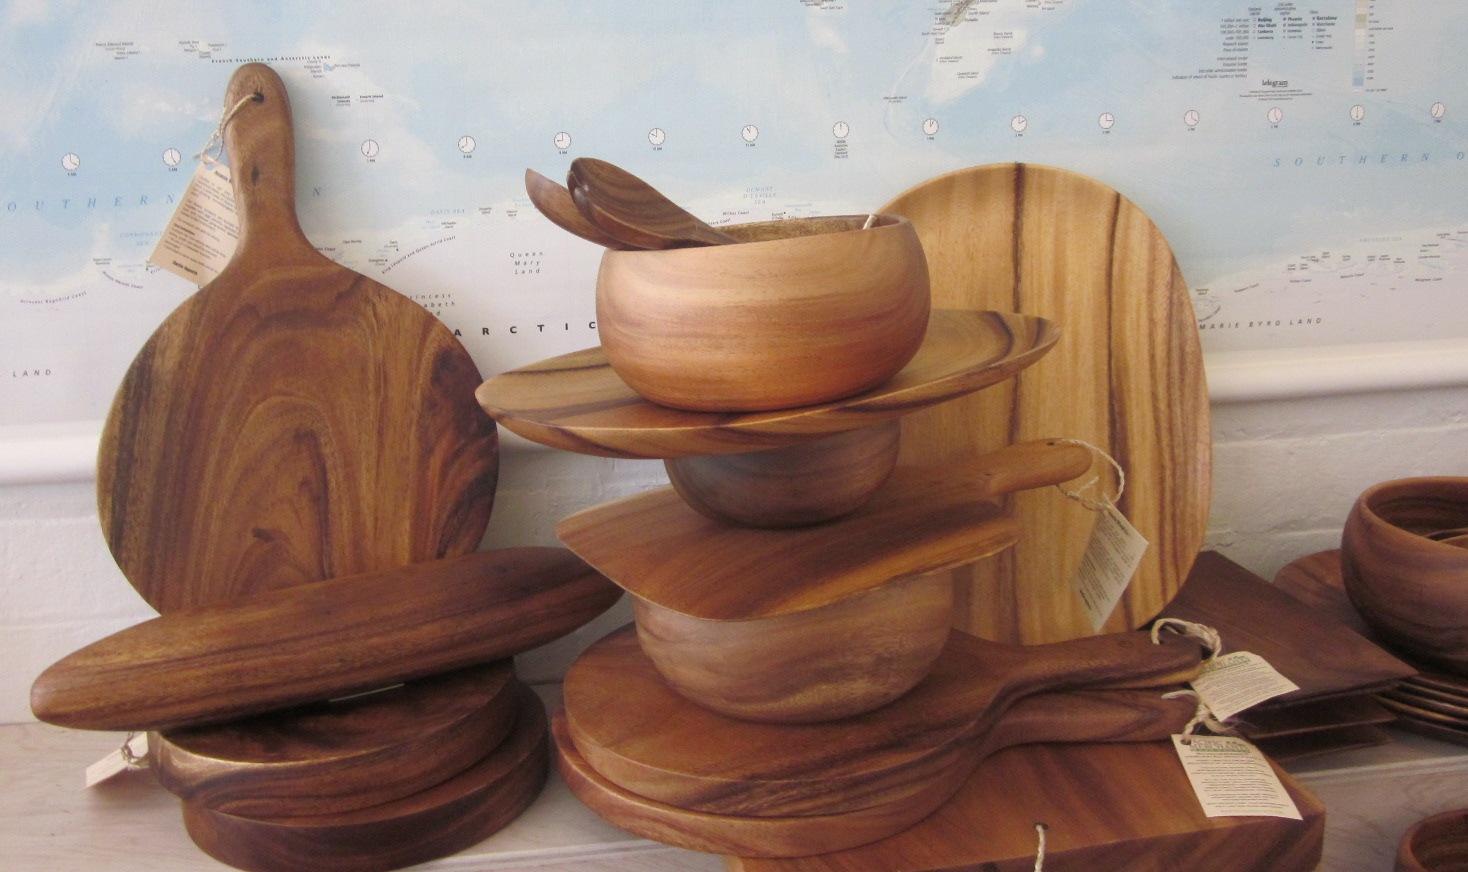 Đồ nhà bếp làm từ gỗ tràm